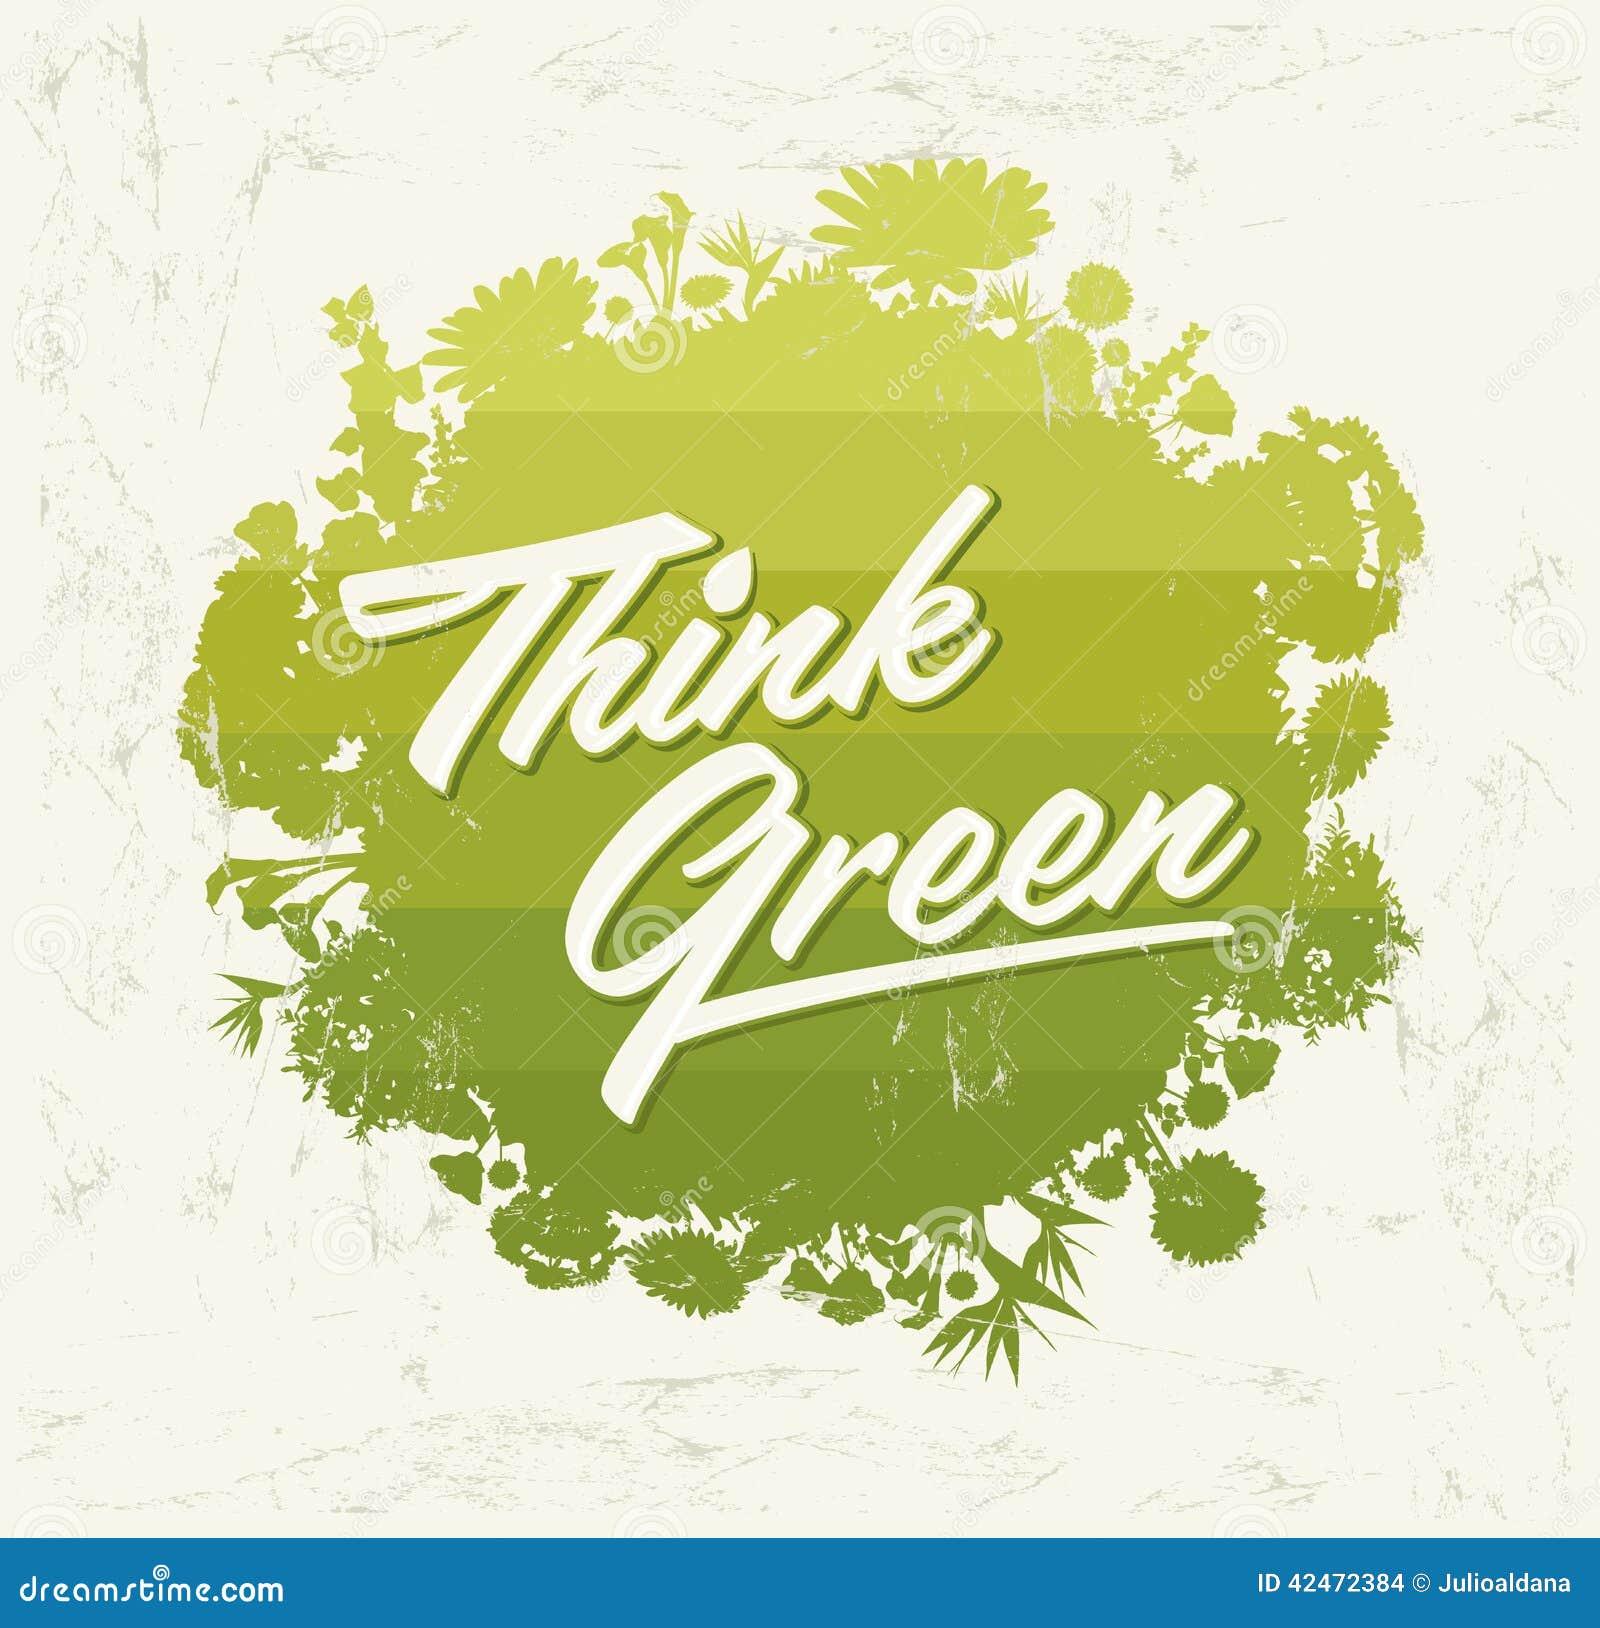 Denken Sie Grünes - organischer Biobereich des kreativen Eco-Vektor-Gestaltungselements mit Vegetation